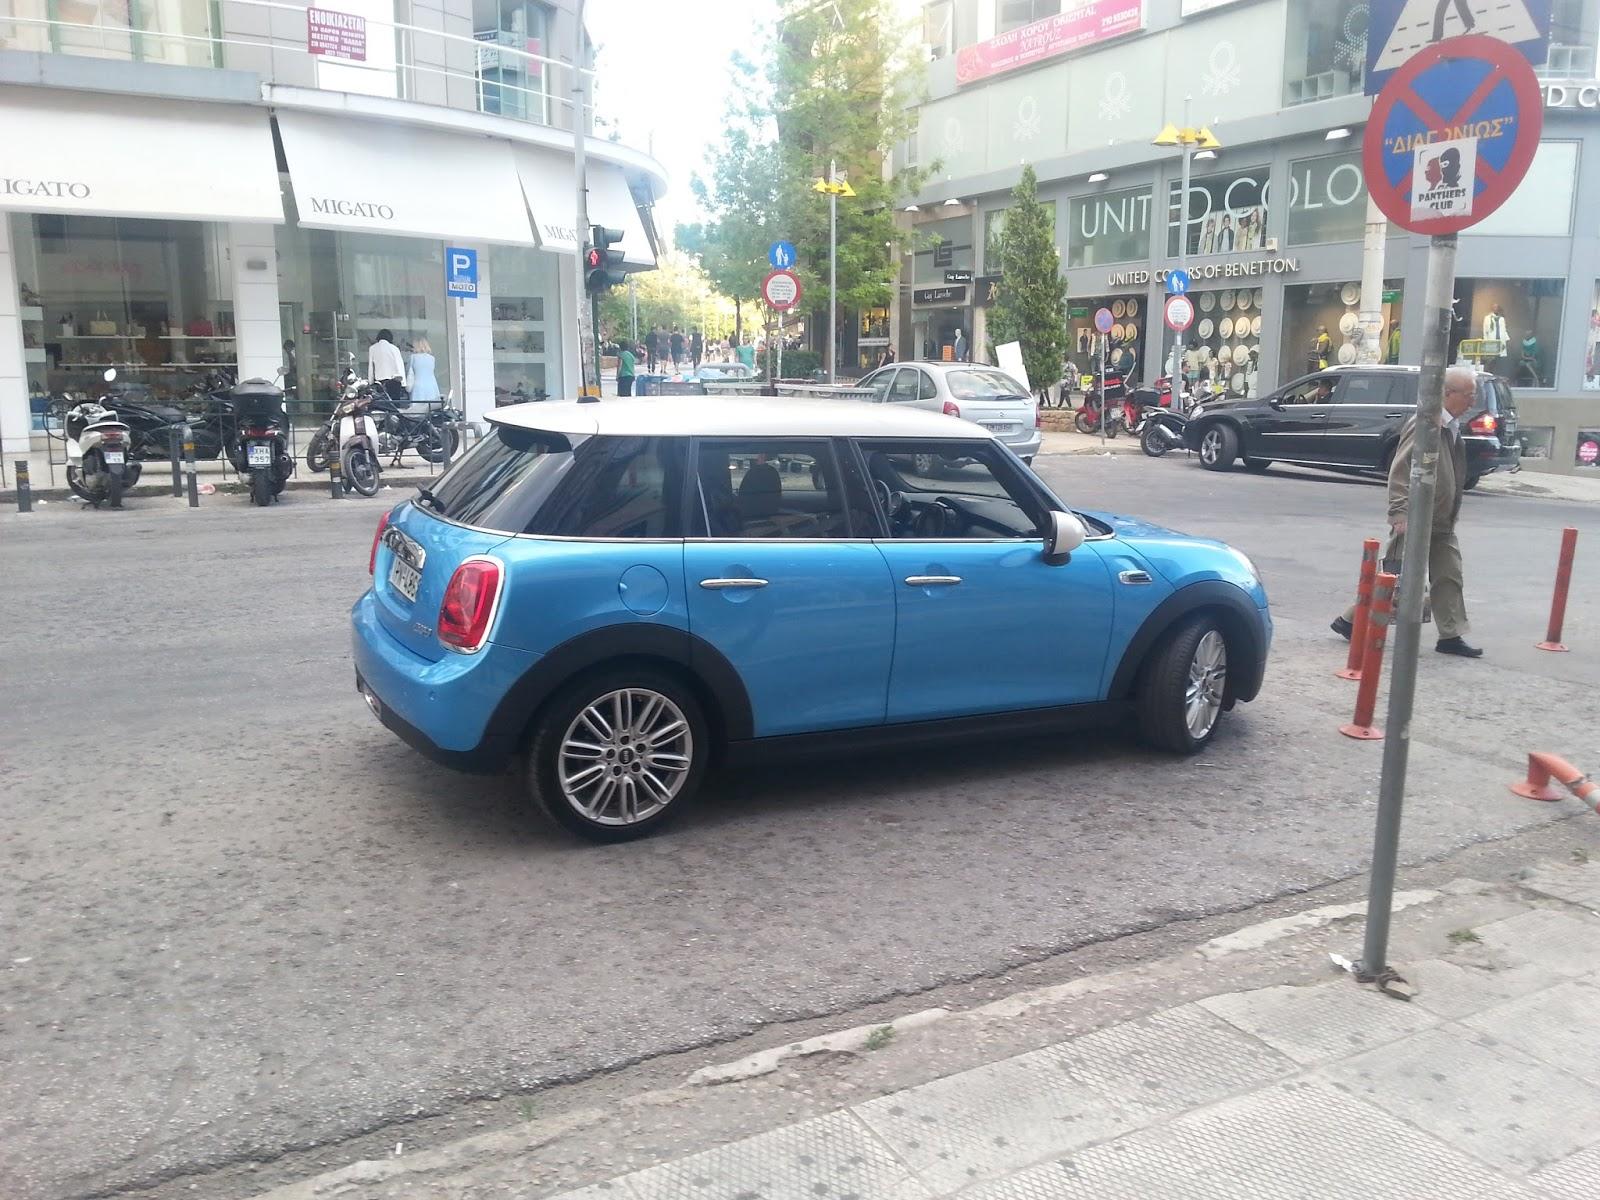 f5 Το πεντάπορτο Mini Cooper είναι... καρτ με 5 πόρτες